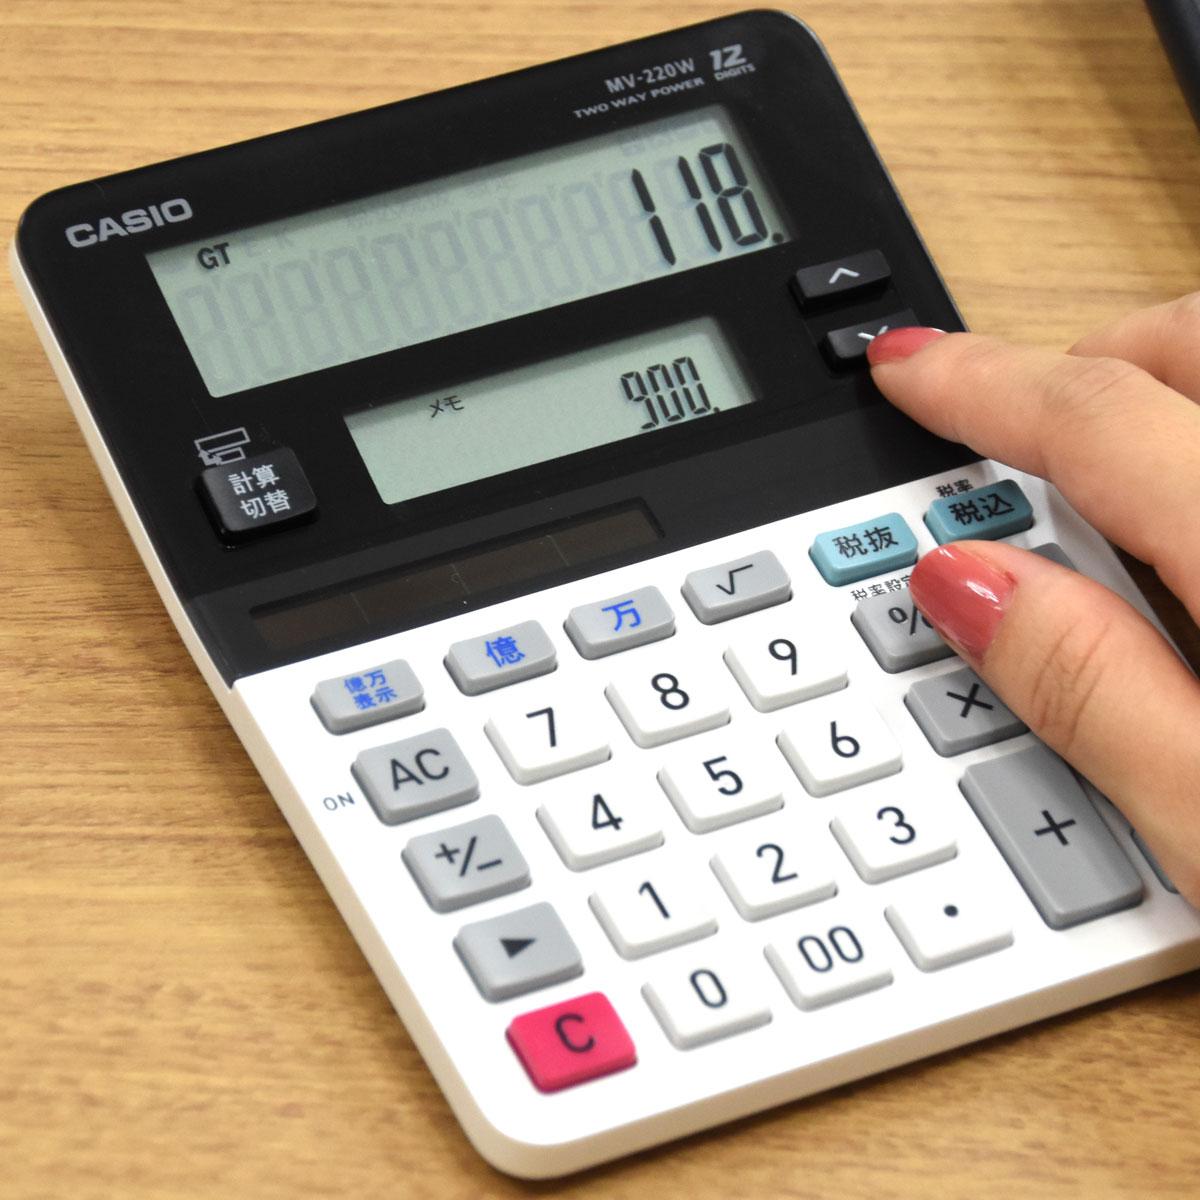 芸達者なカシオの「電卓」大集合! 2画面、丸洗い、余り計算!